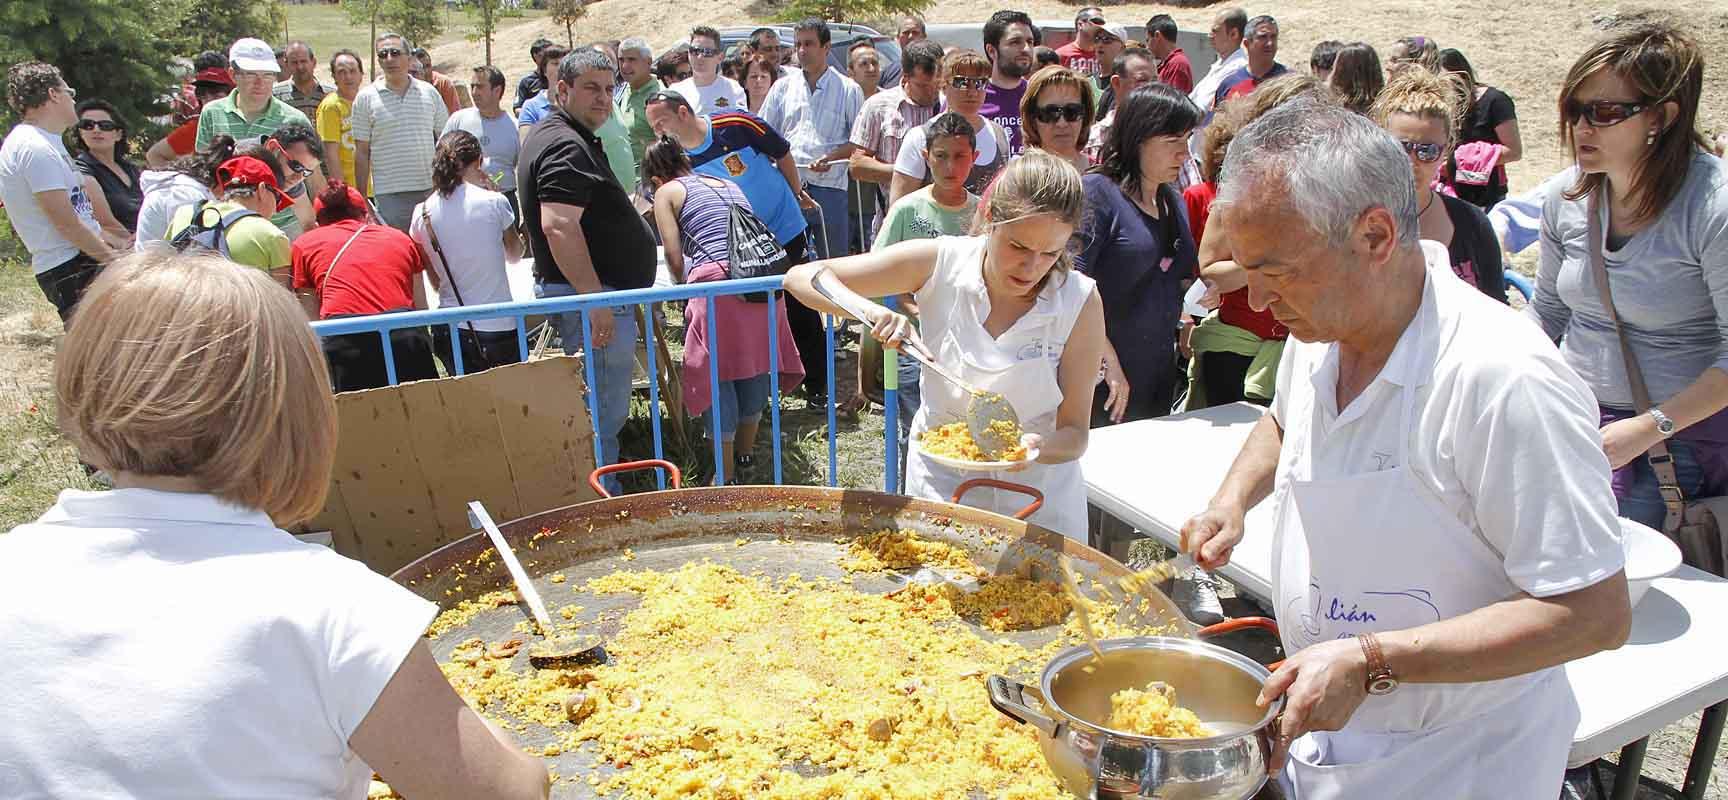 Grandes y pequeños compartirán una paella en la el Parque de la Huerta del Duque.